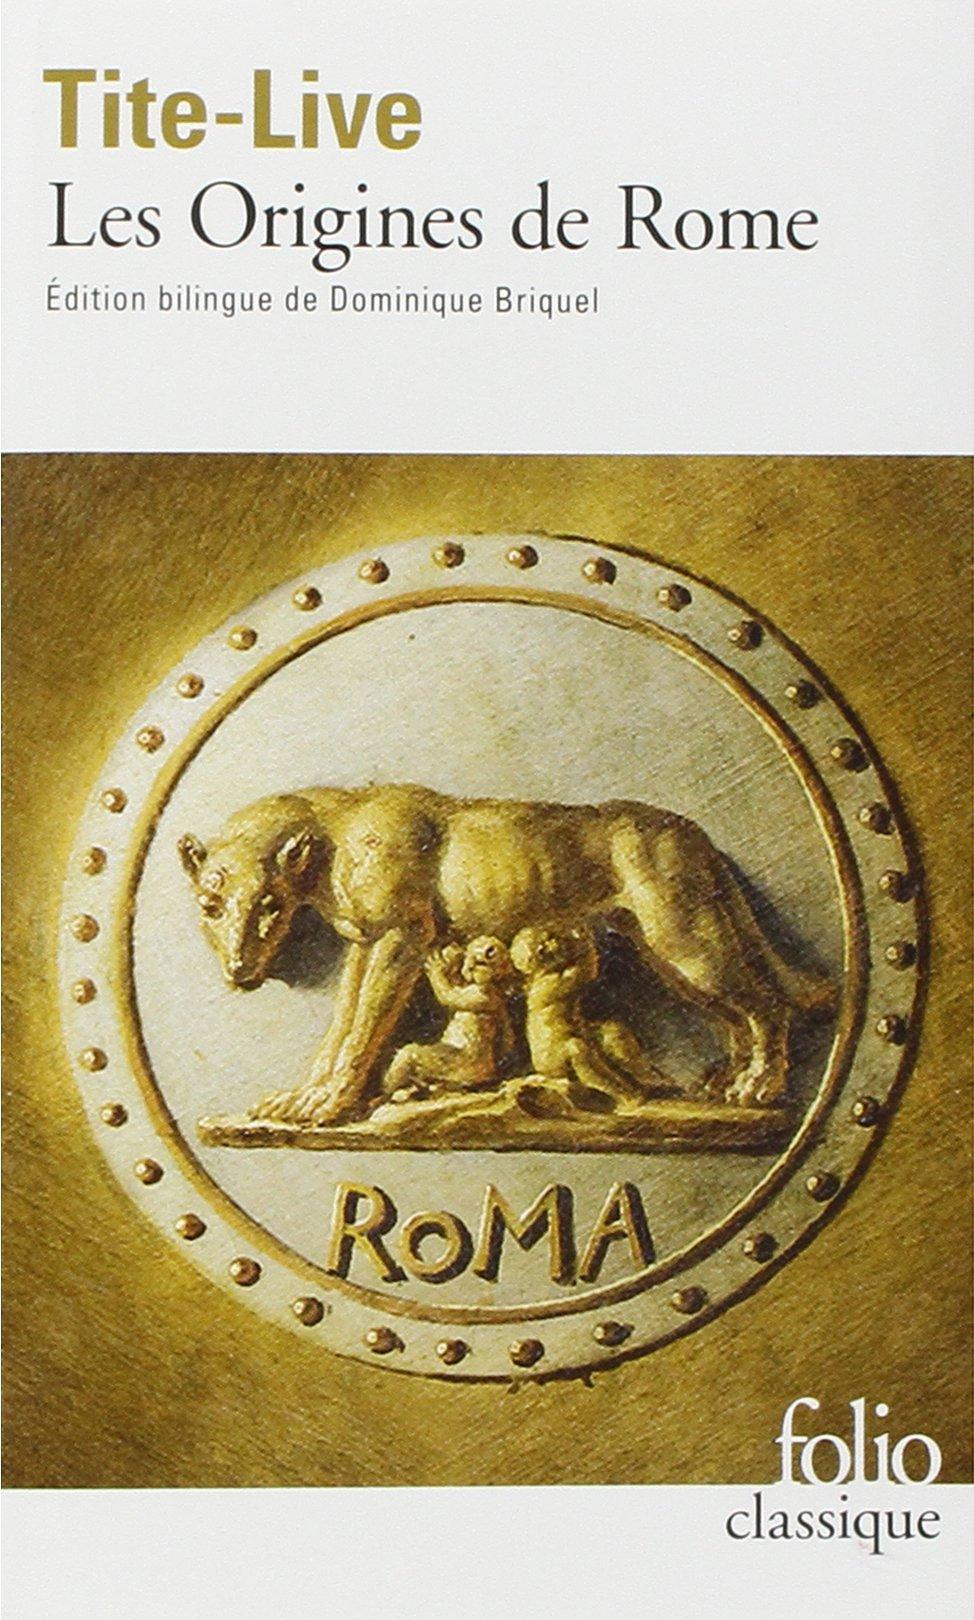 Histoire romaine : Tome 1, Les Origines de Rome, Poche – 22 novembre 2007 Tite-Live Dominique Briquel Gérard Walter